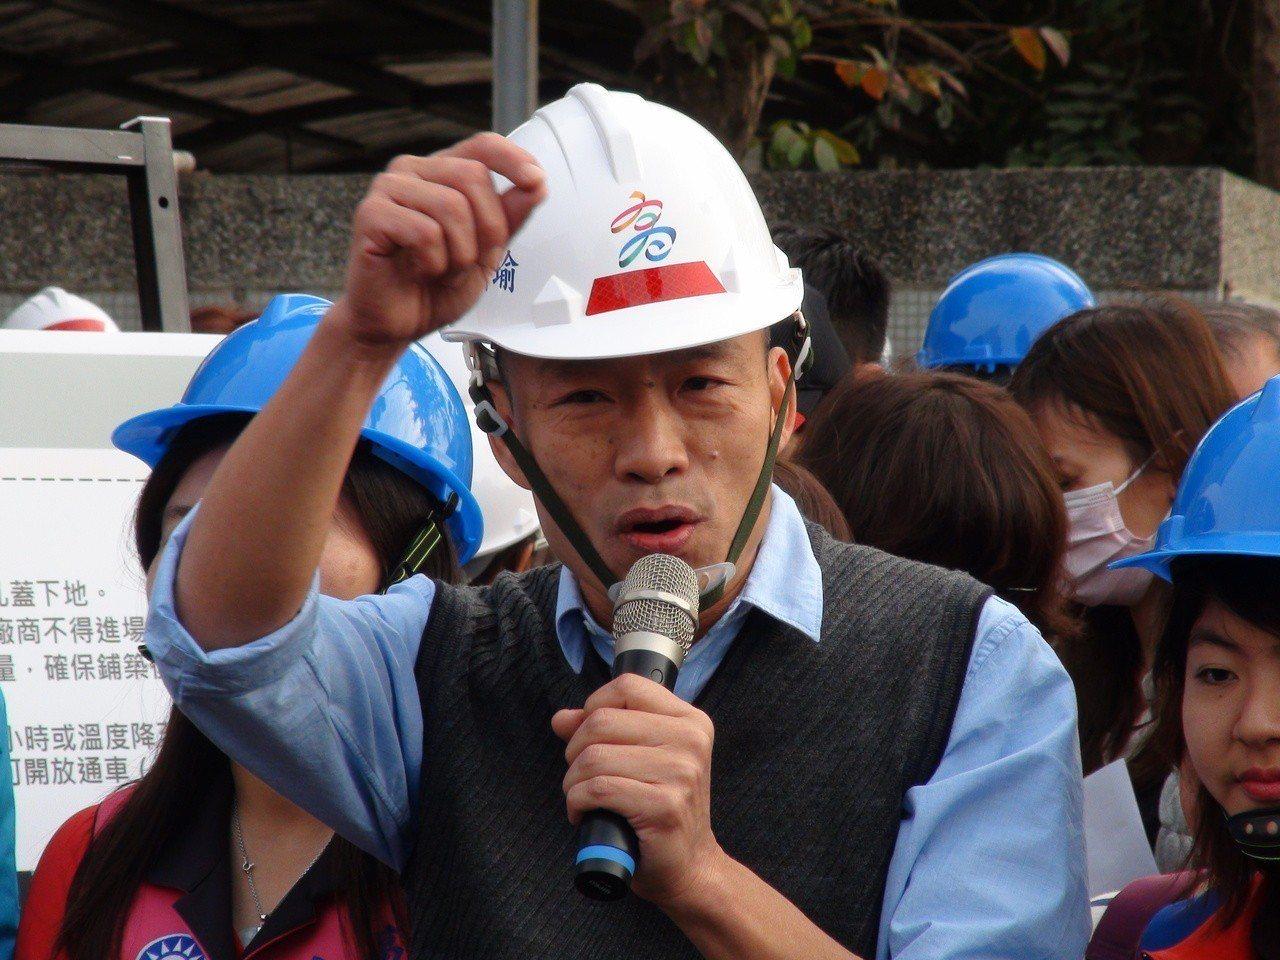 高雄市長韓國瑜說,林濁水講話比較酸一點。記者謝梅芬/攝影